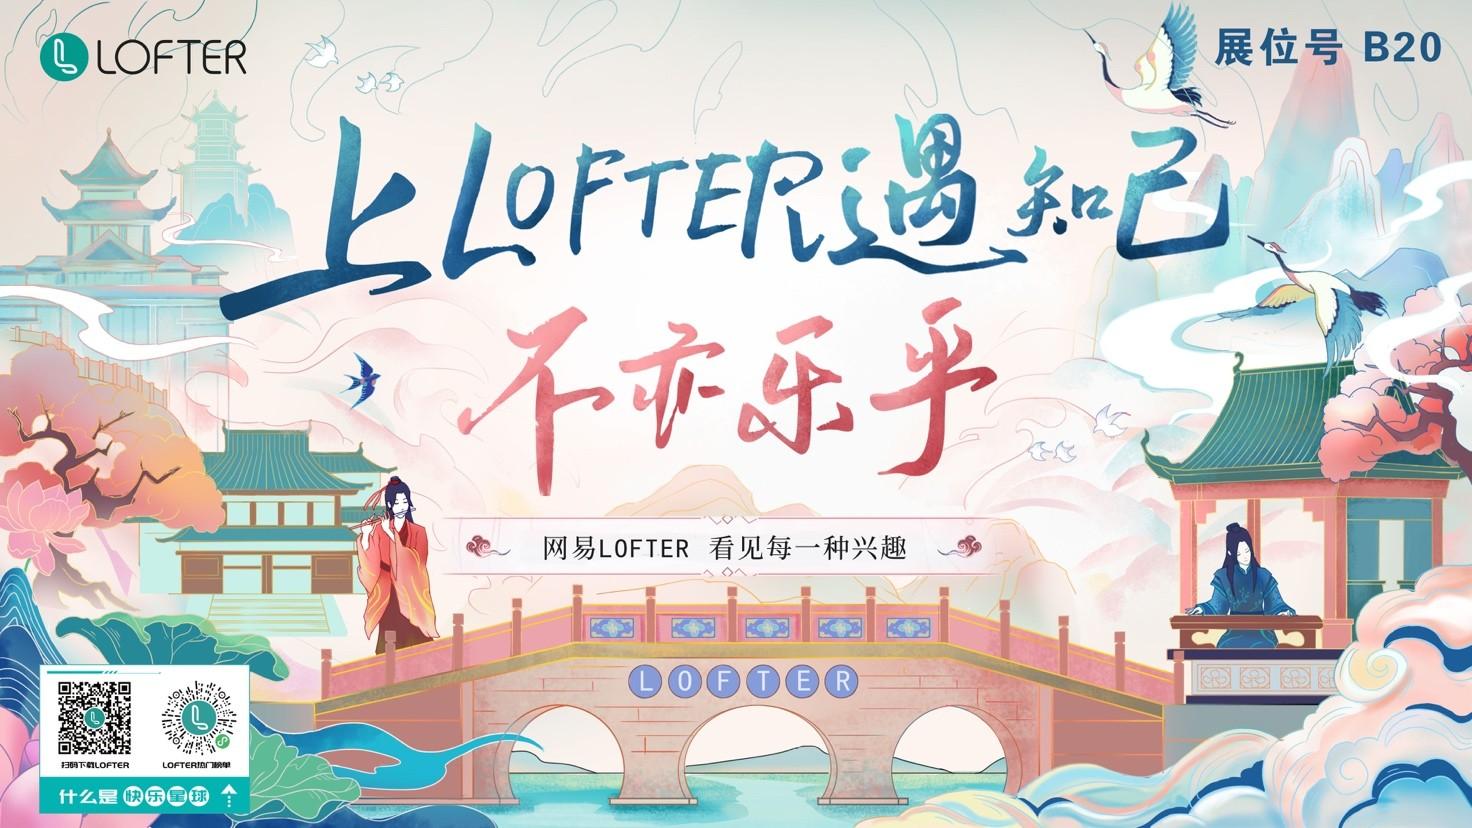 让中国风因年轻而精彩!网易LOFTER携百部佳作打造国风展台亮相CCG EXPO 2021